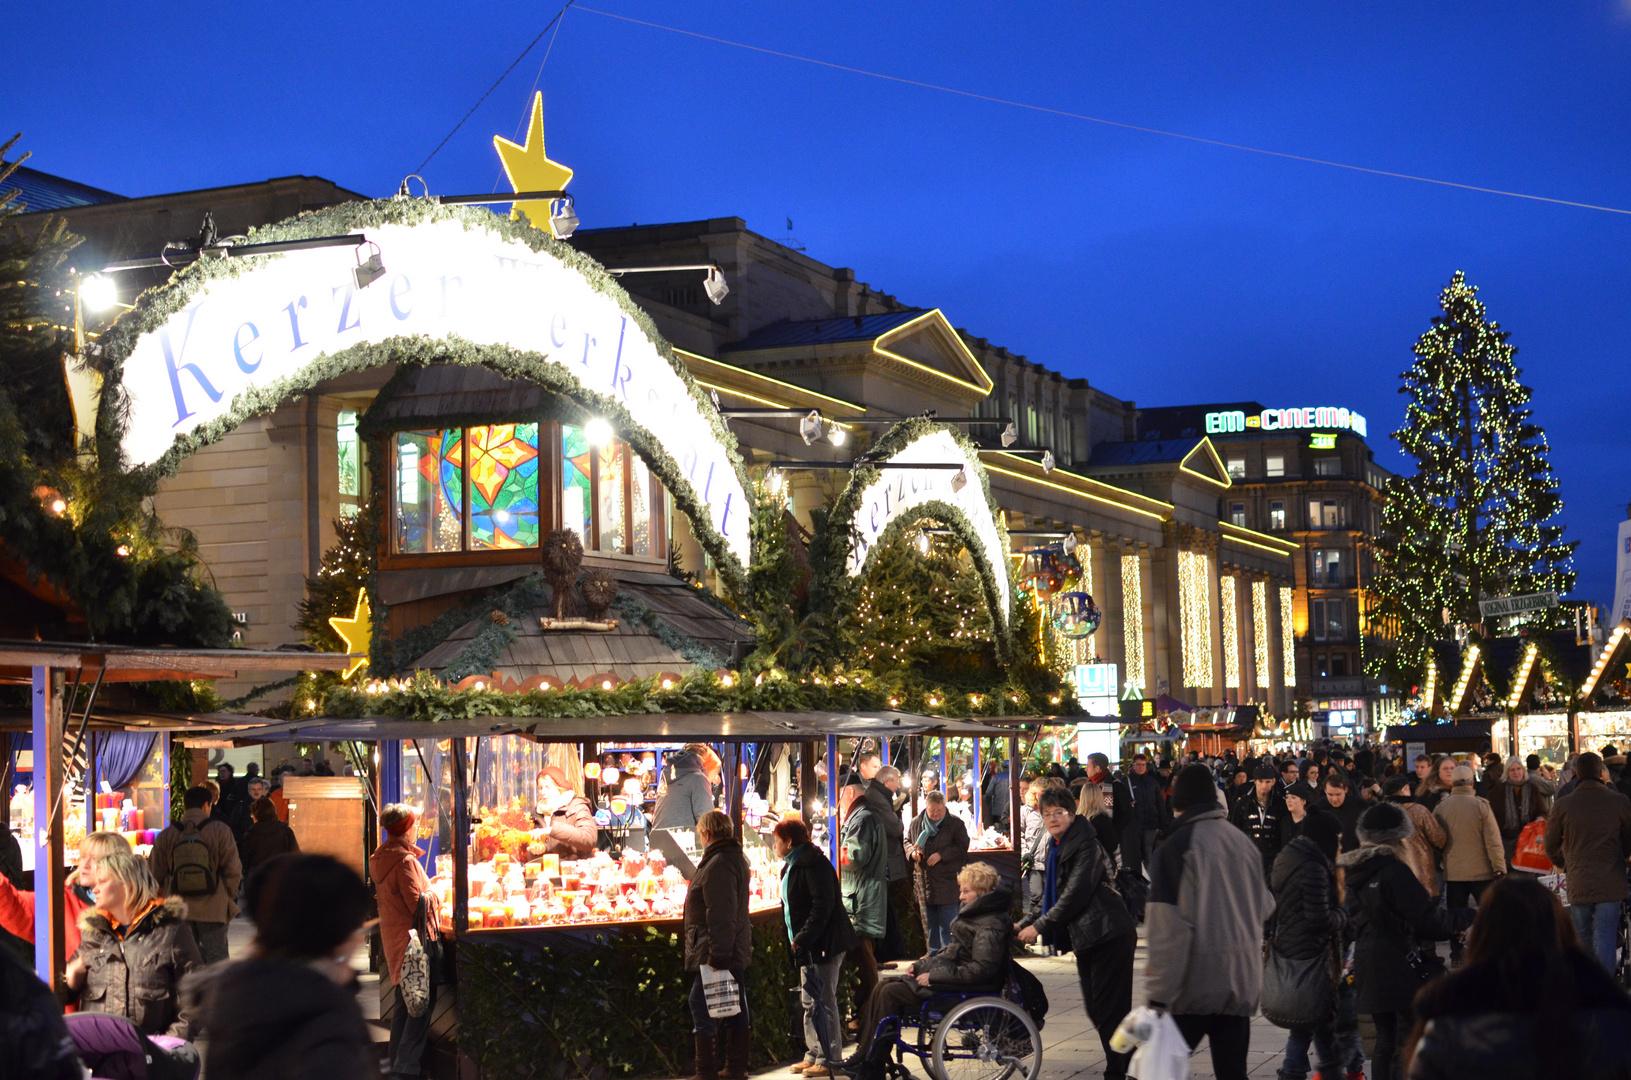 Stuttgart Weihnachtsmarkt.Stuttgart Weihnachtsmarkt Foto Bild Sonstiges Natur